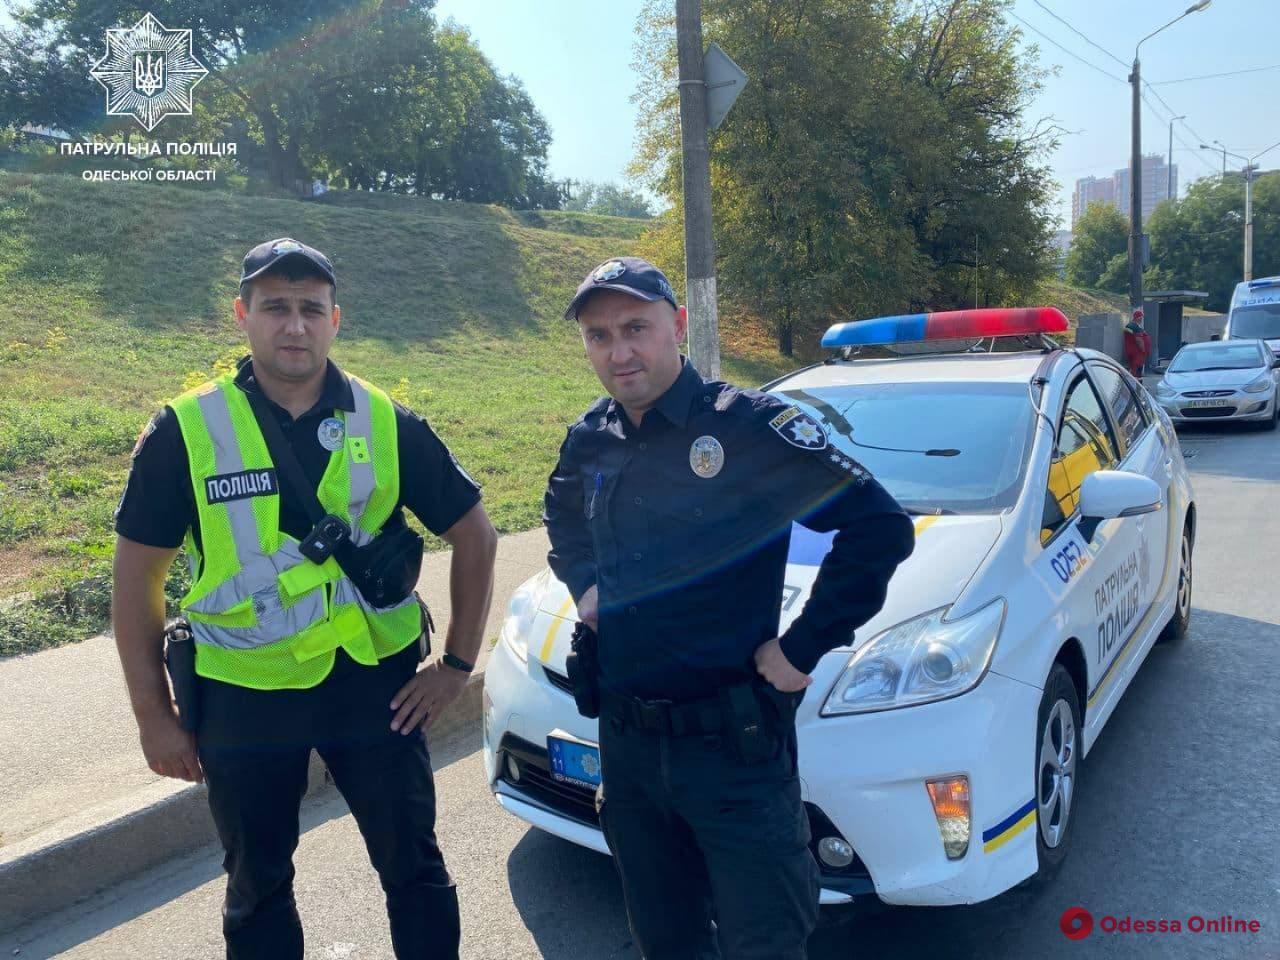 Под вой сирен: одесские патрульные помогли довезти роженицу в больницу